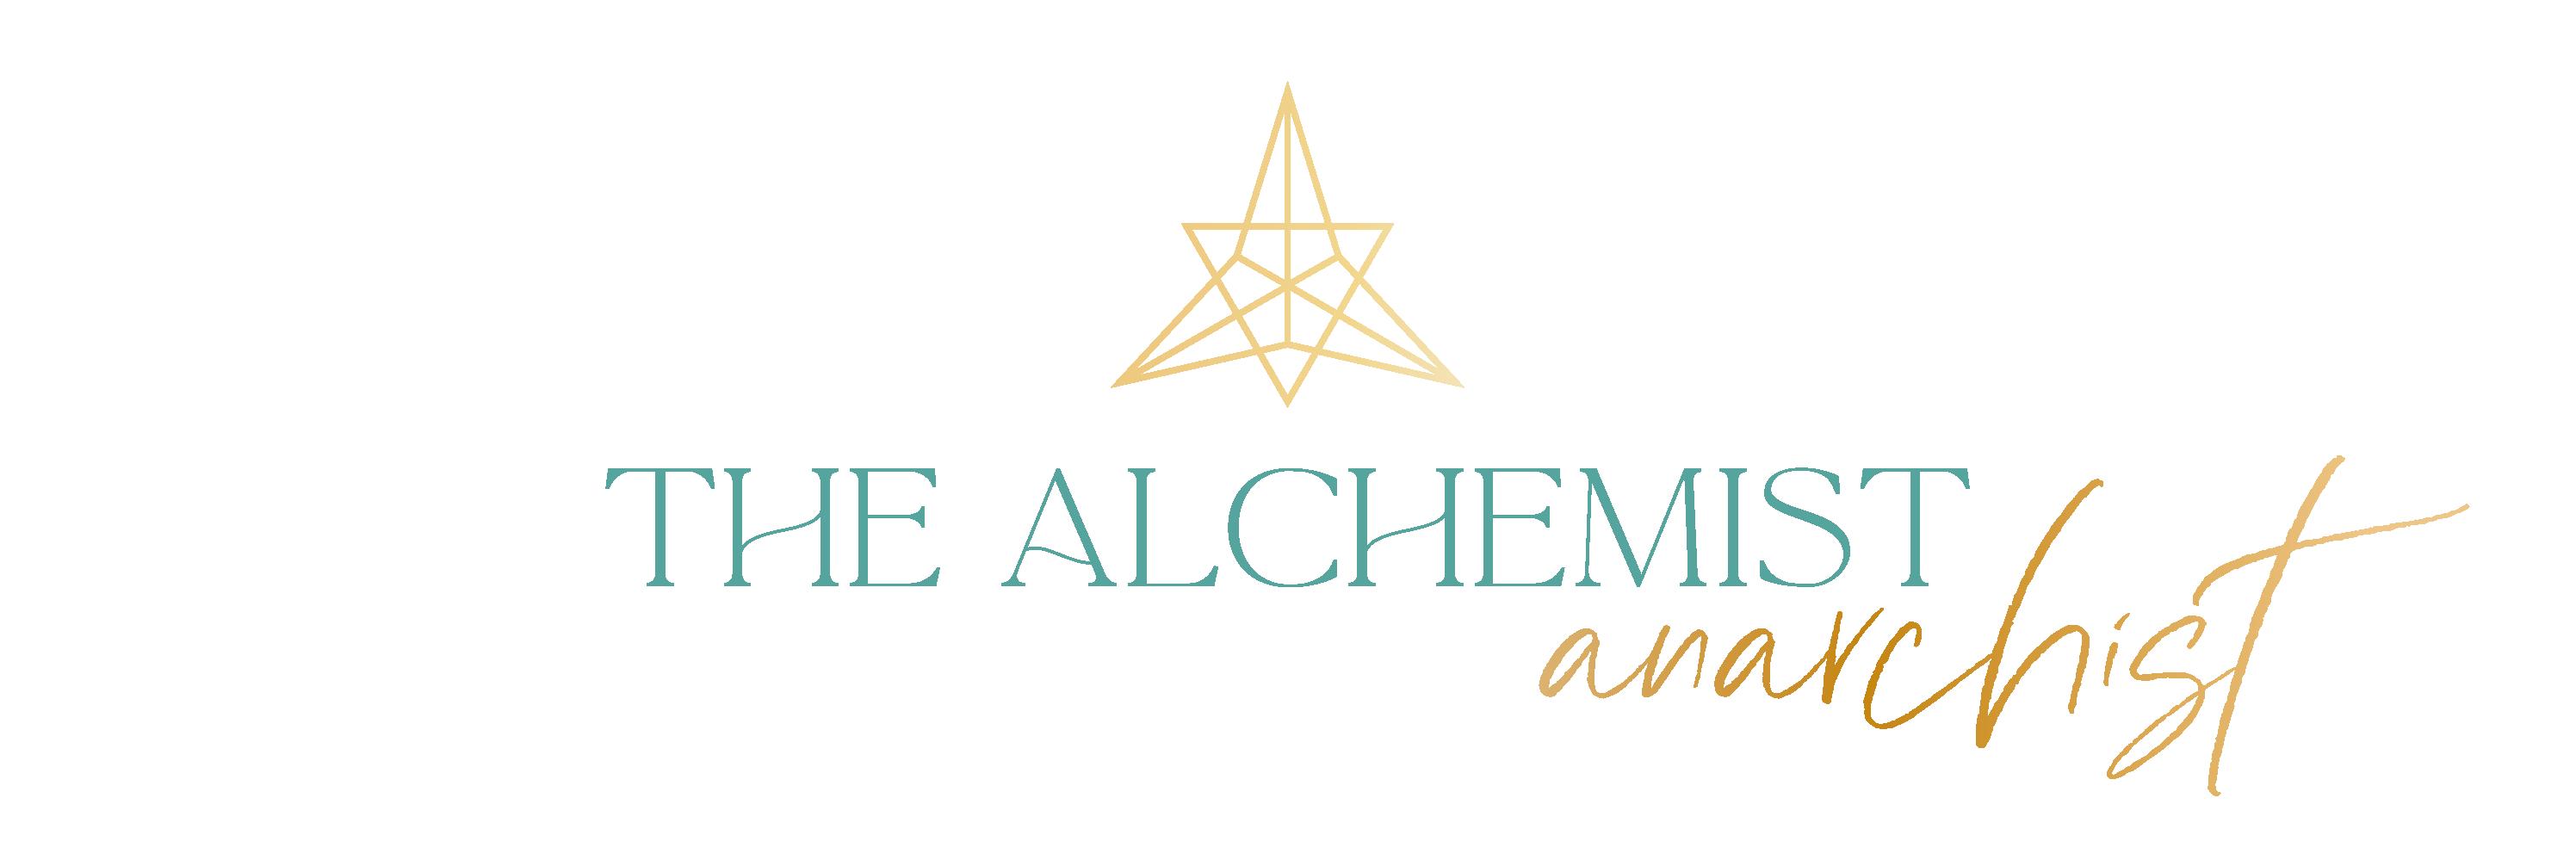 The Alchemist Anarchist